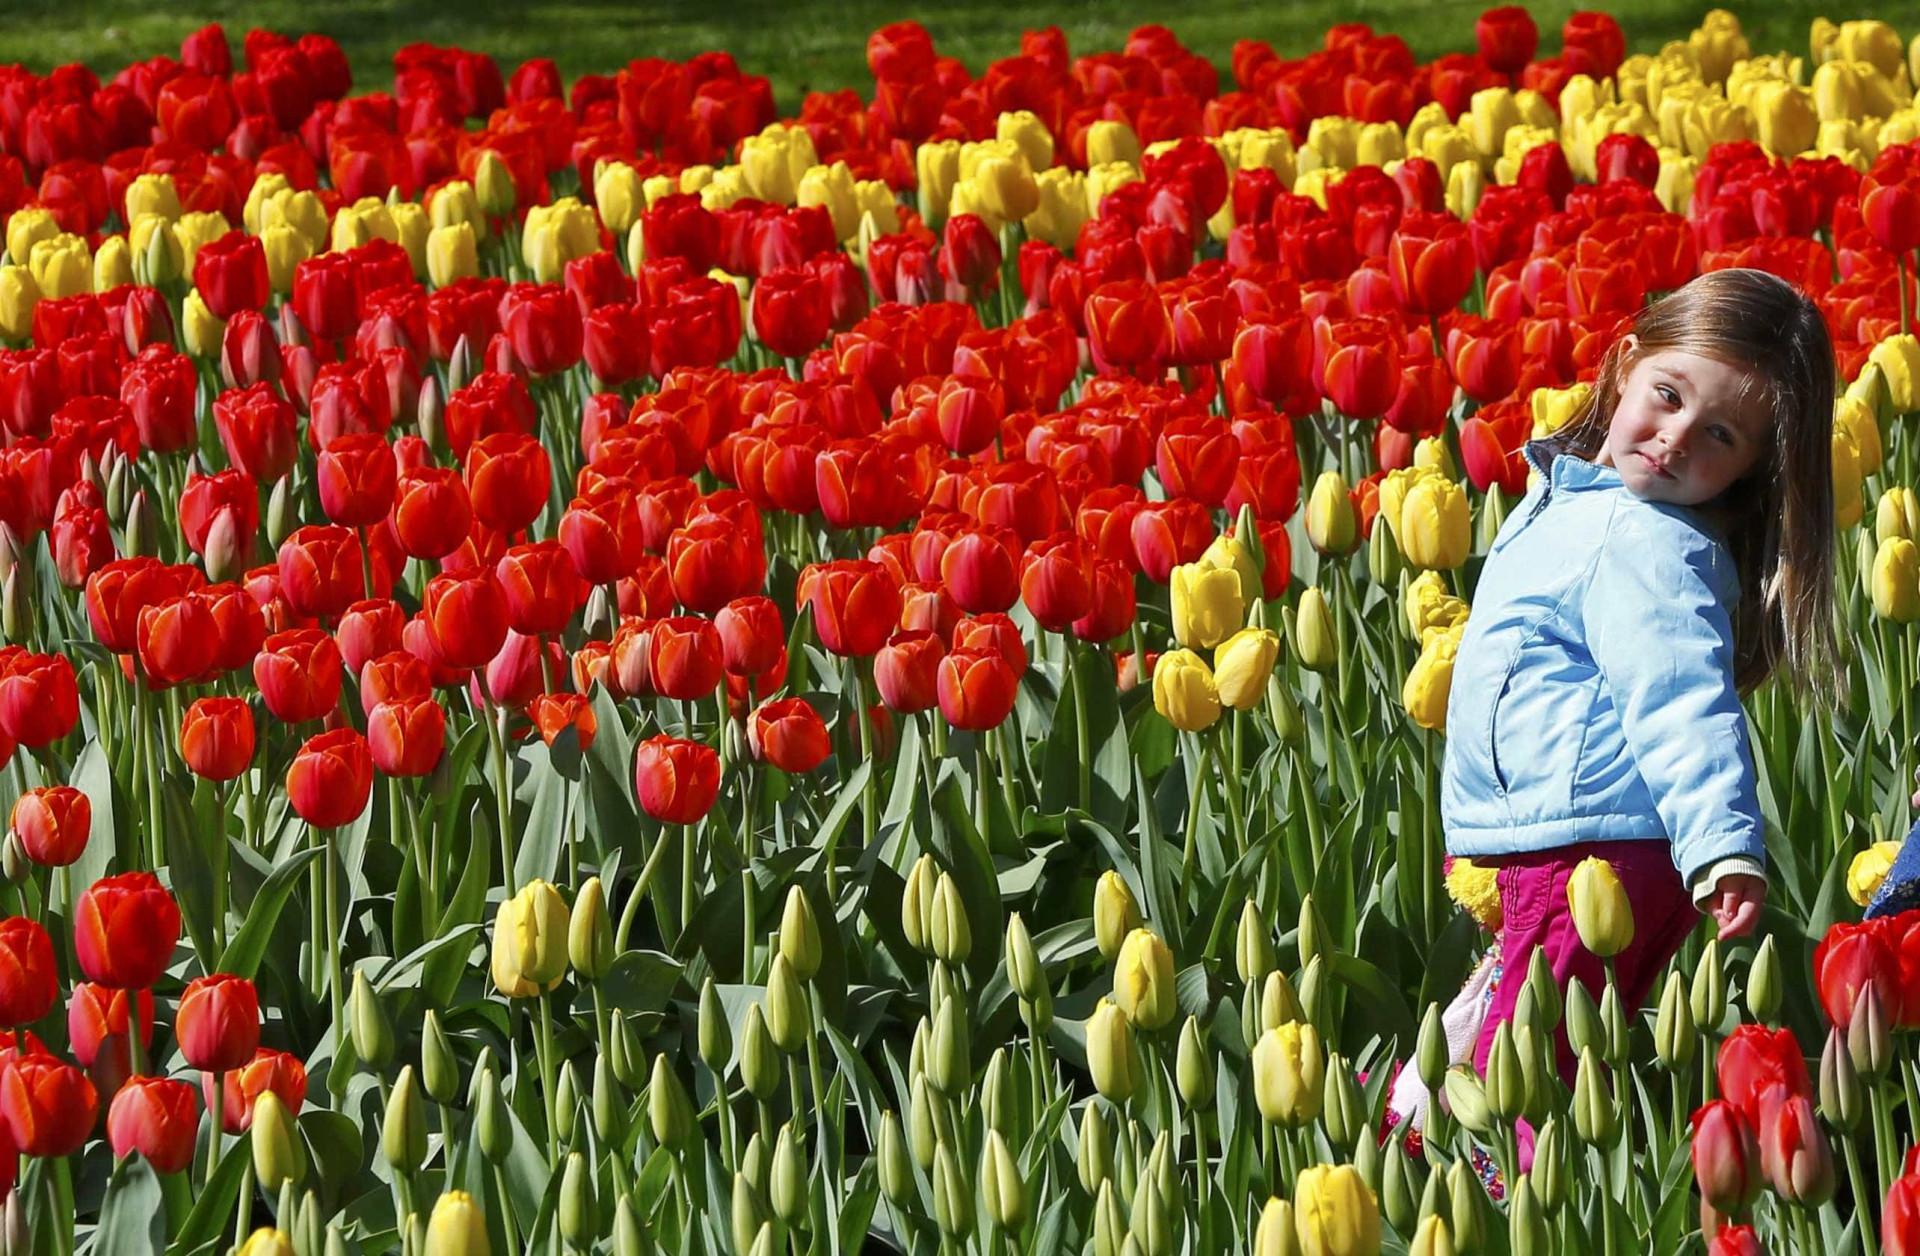 Aproveite a primavera na Holanda e conheça os jardins de Keukenhof